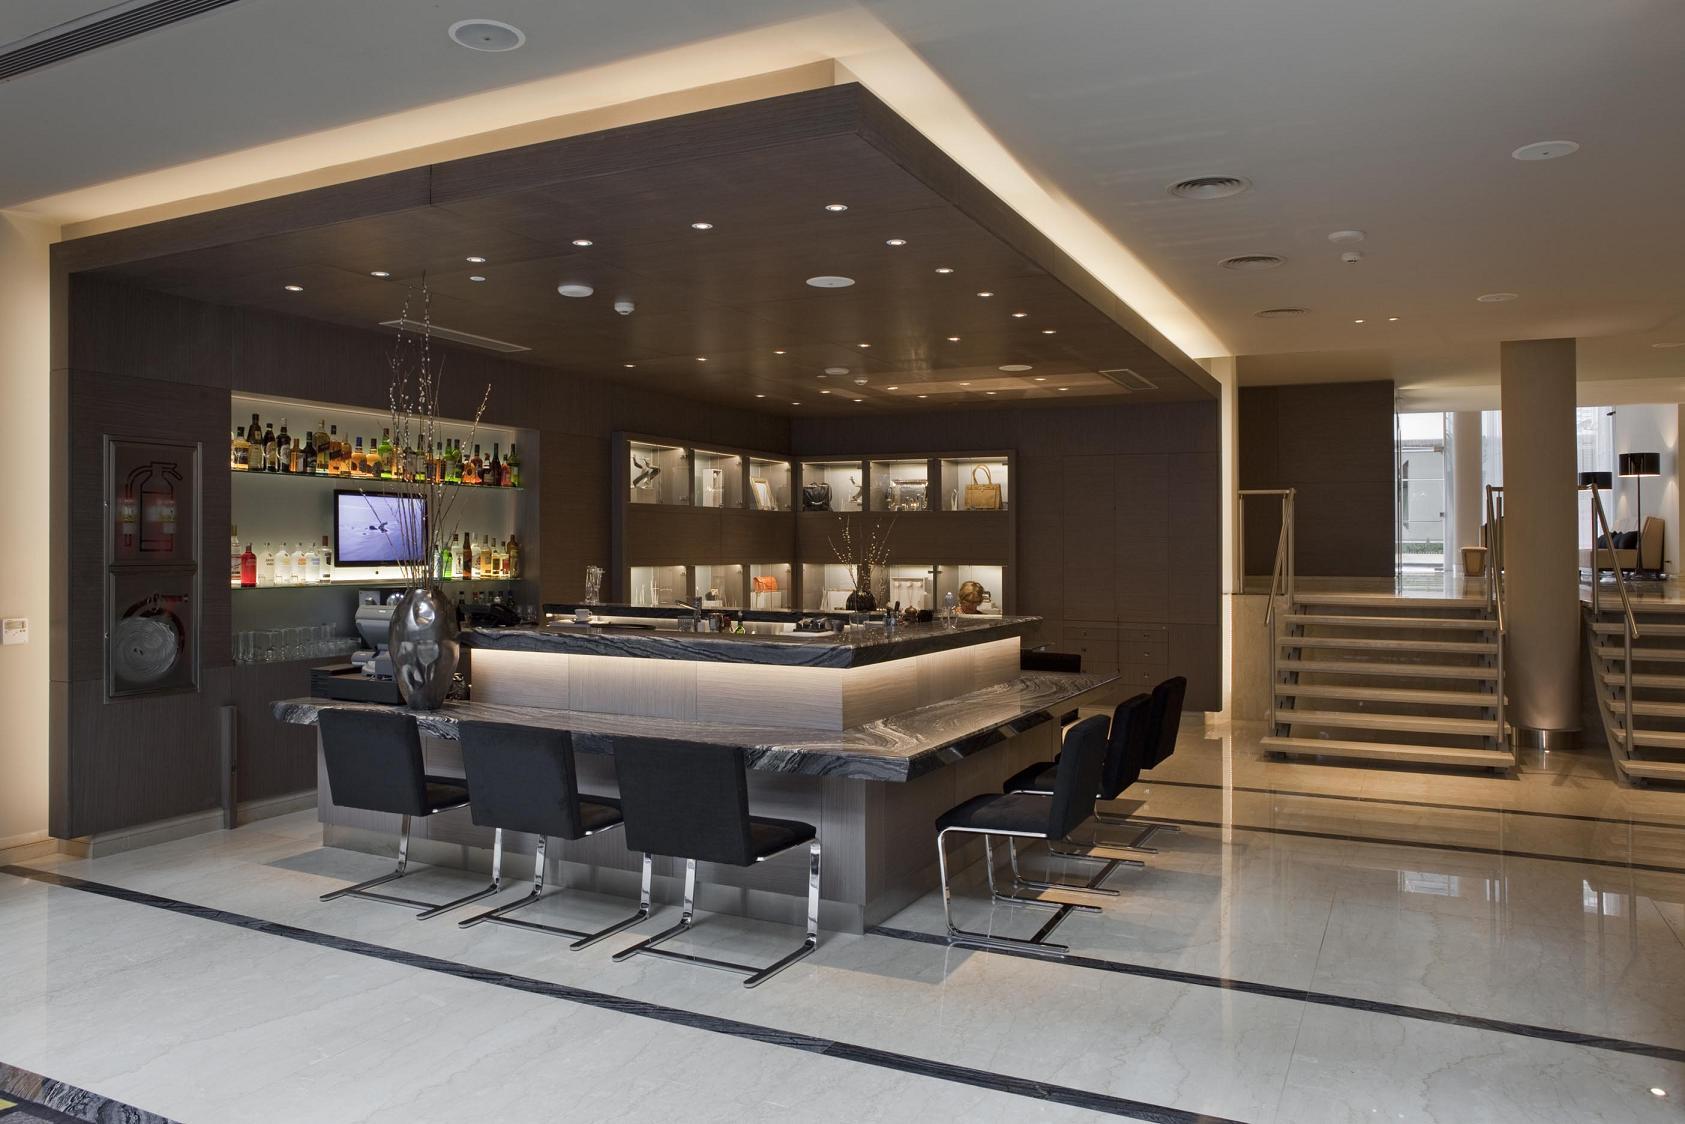 Con una cuidadosa selección de materiales como madera y mármol, Spodek Arquitectos decoró los espacios comunes